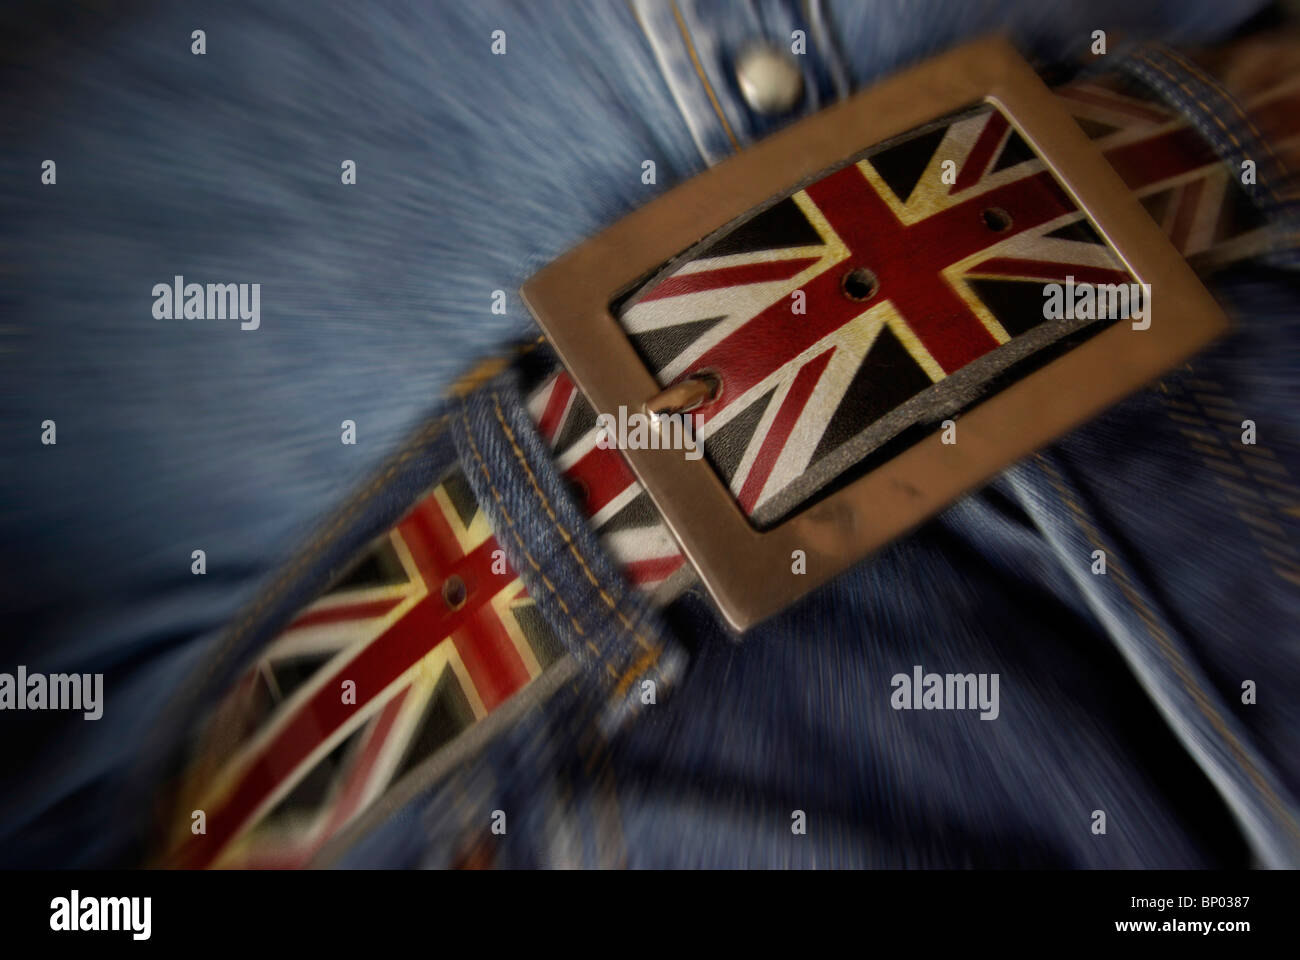 Ziehen Sie Ihre Gurtstraffung Ihre Gürtel-Konzept mit die britische Flagge. (Kostensenkung, Einsparungen im Stockbild